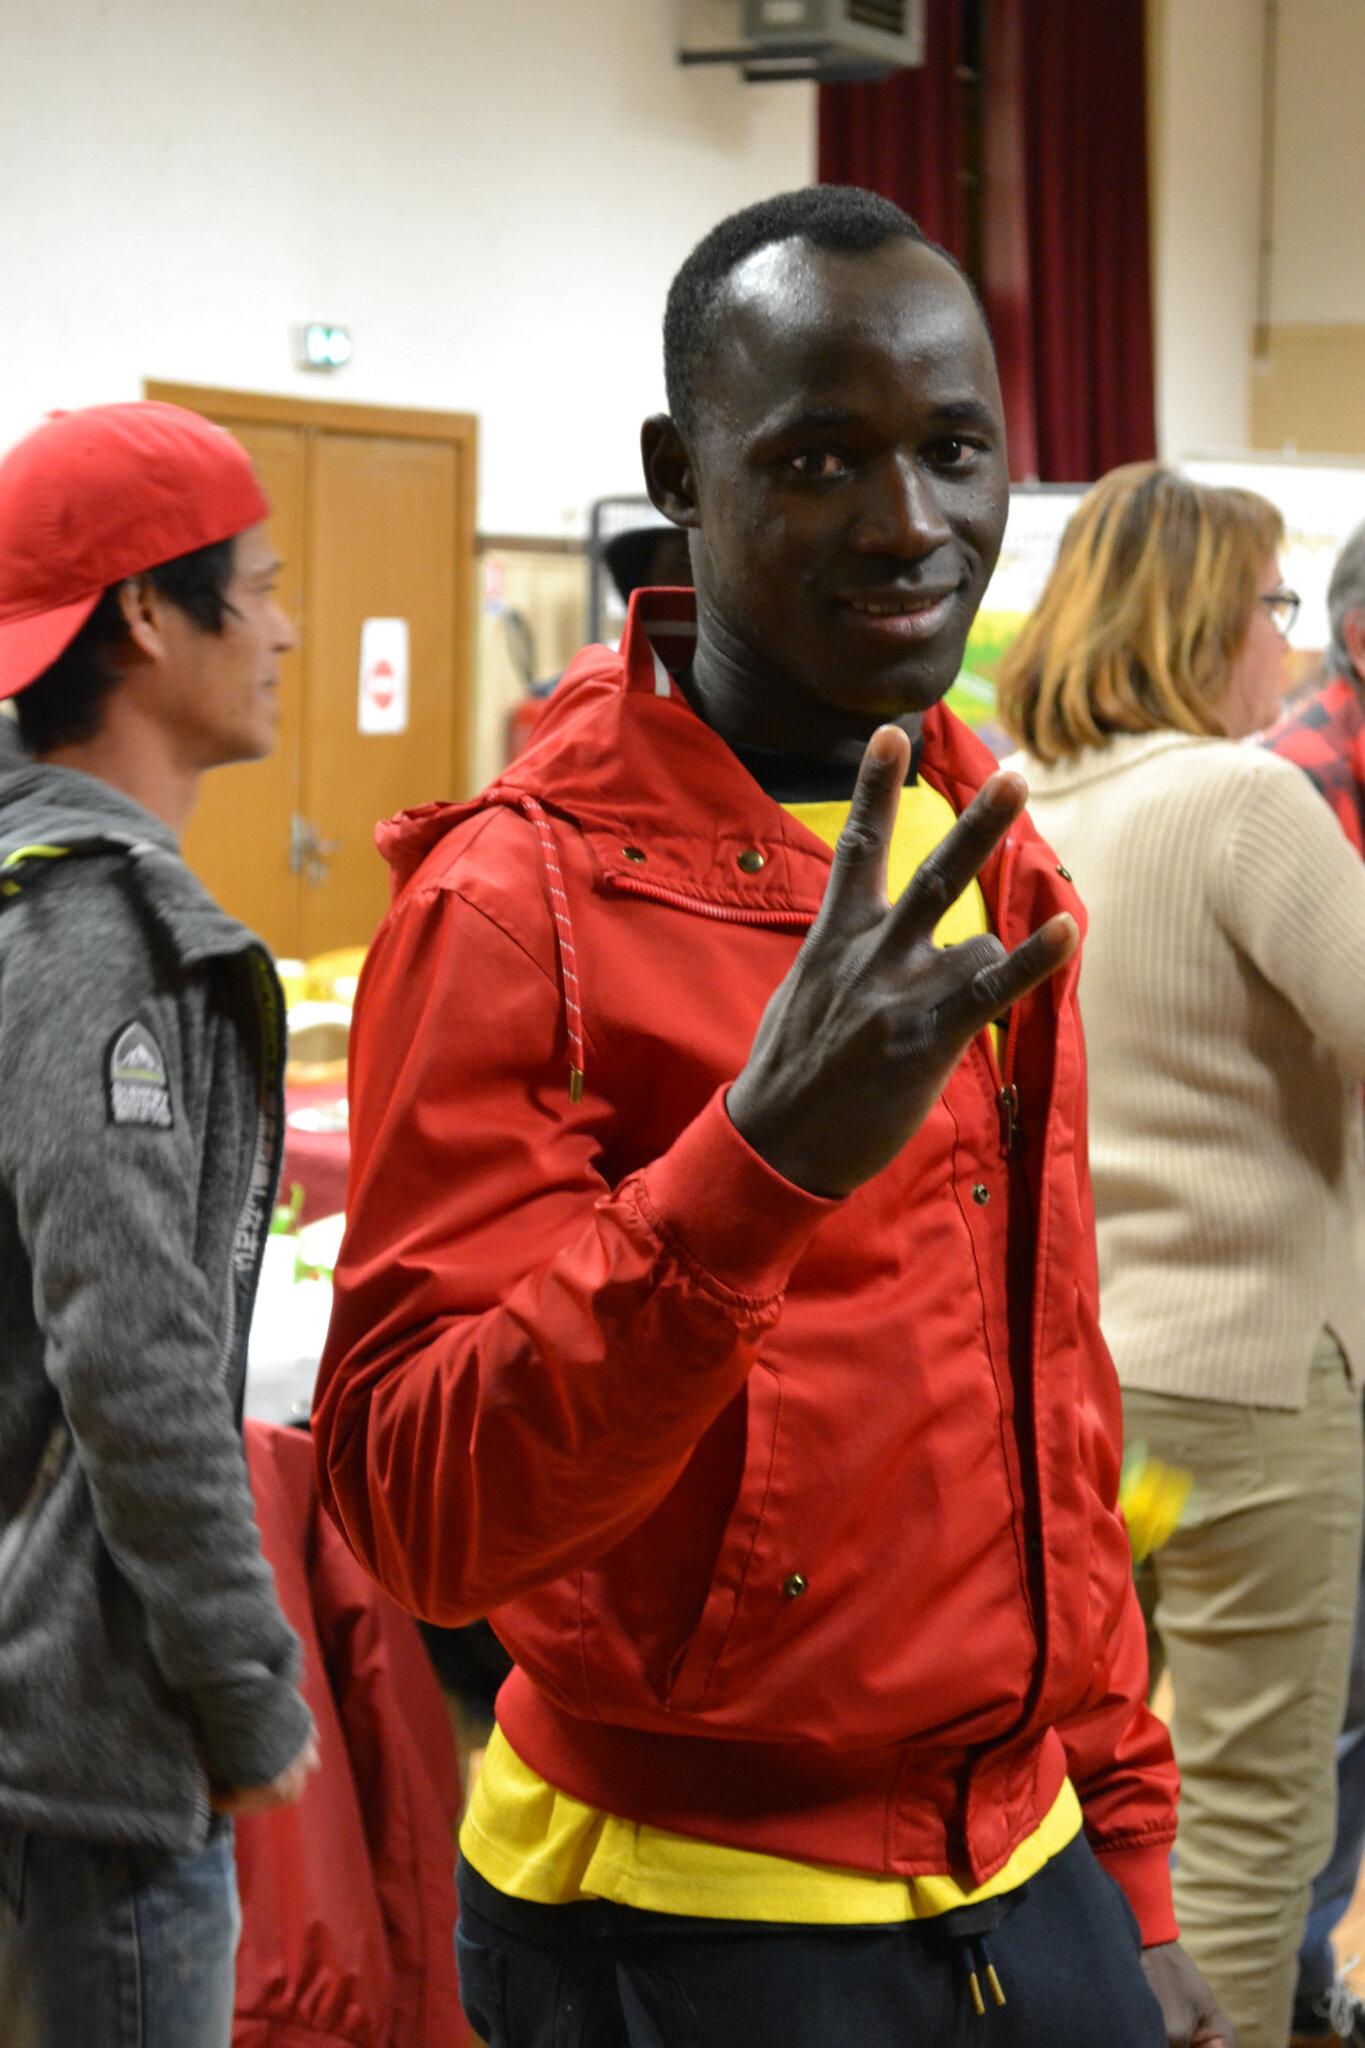 Accueil MNA,Accueil Mineurs étrangers Charente,Club MARPEN,Jeune Afrique,L'art peut-il changer le monde,Mineurs étrangers,UN TOIT POUR EUX,dernière nouvelle du monde,solidarité nationale